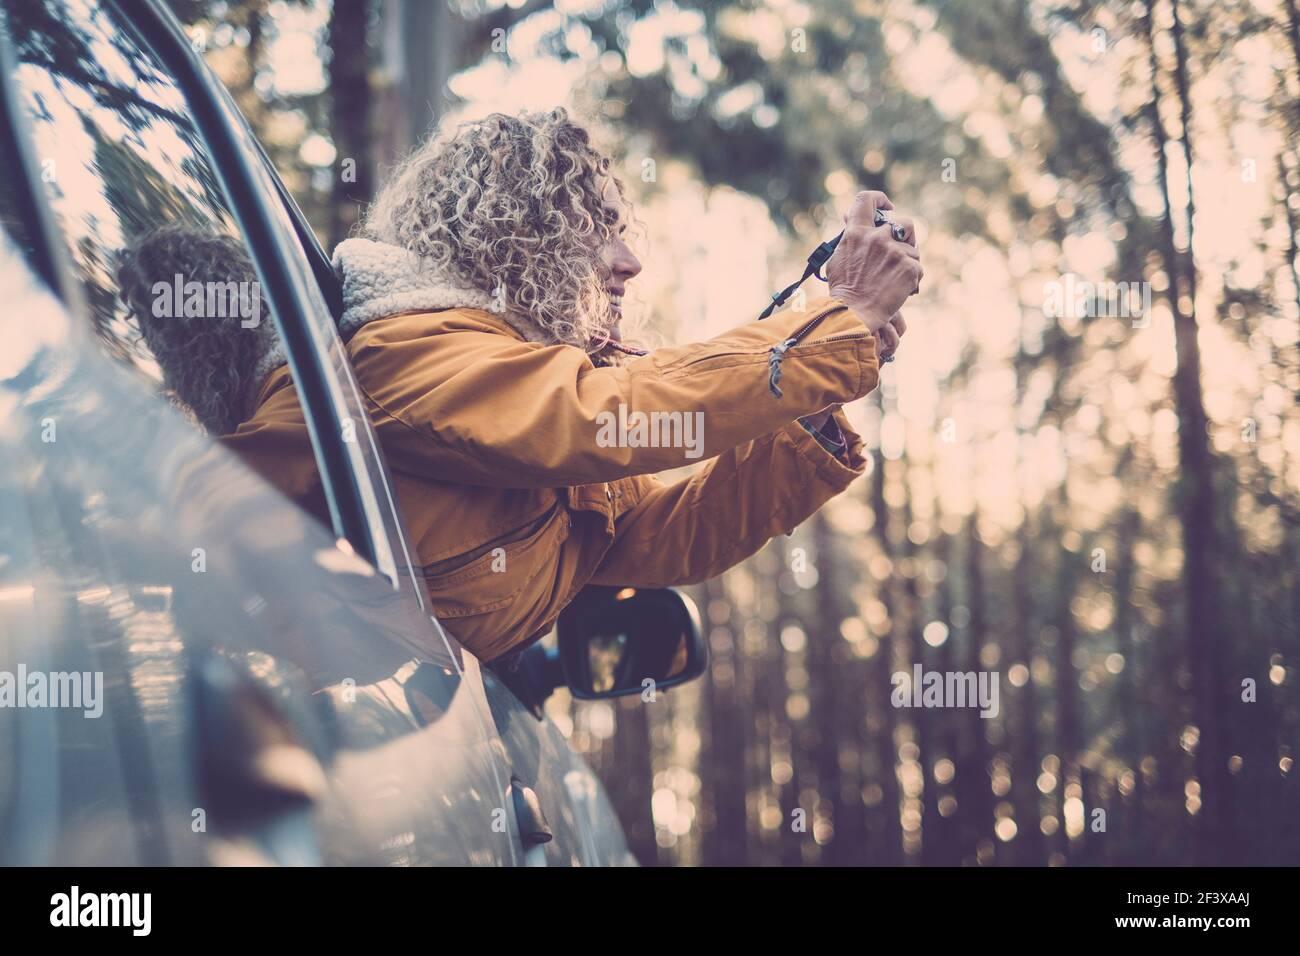 vacaciones de aventura, vacaciones, viajes, viaje por carretera y concepto de la gente - feliz y sonriente joven mujer adulta o joven fuera de la ventana del coche tomando pict Foto de stock